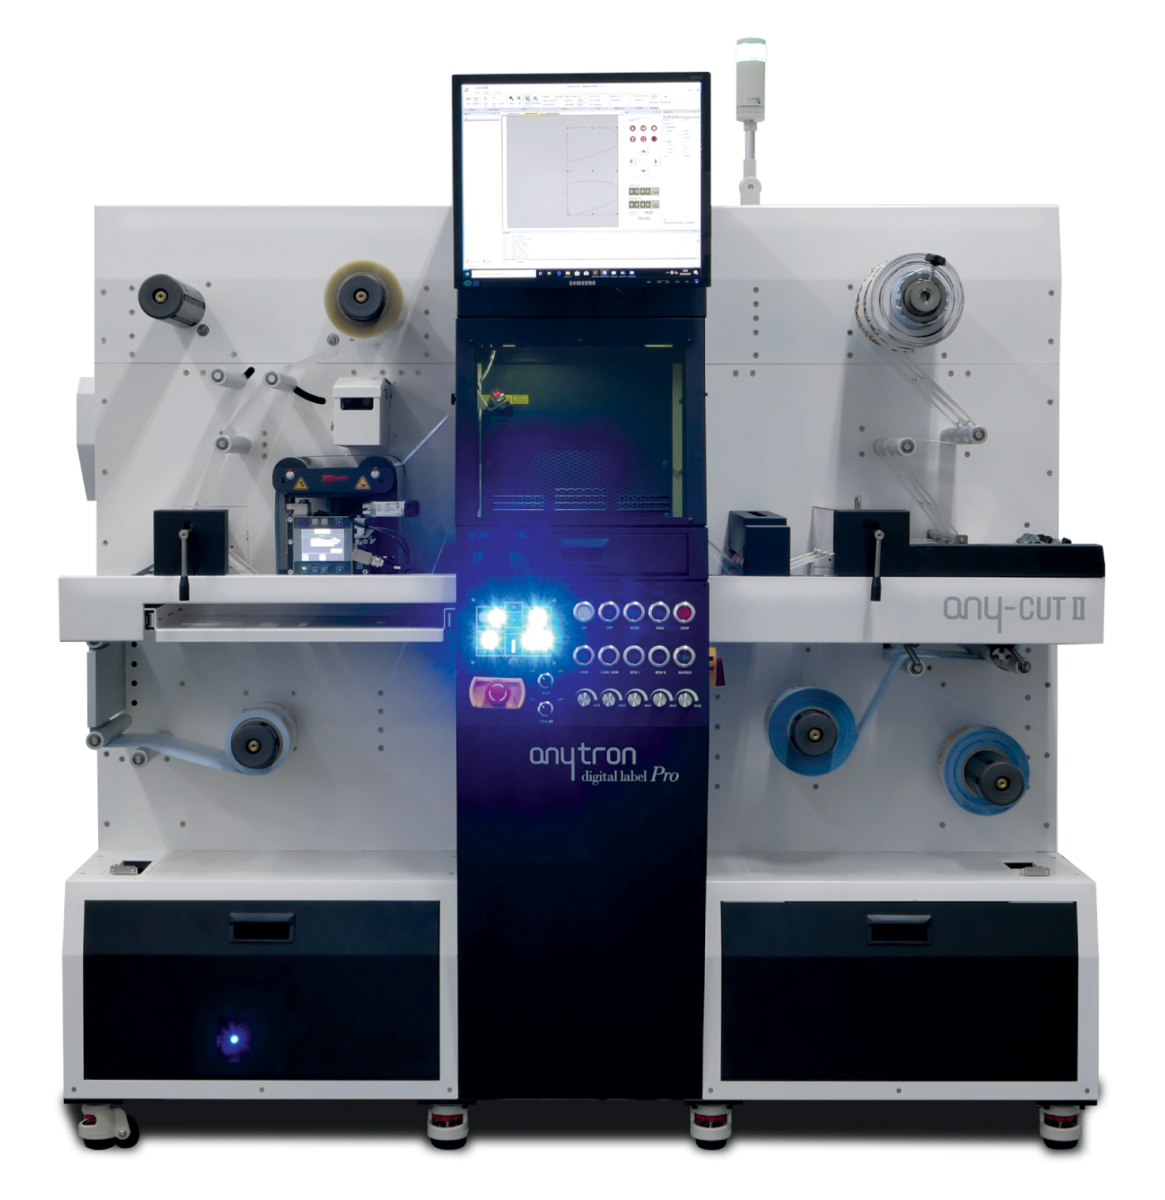 sistema di finitura per Etichette con taglio laser Any-Cut2